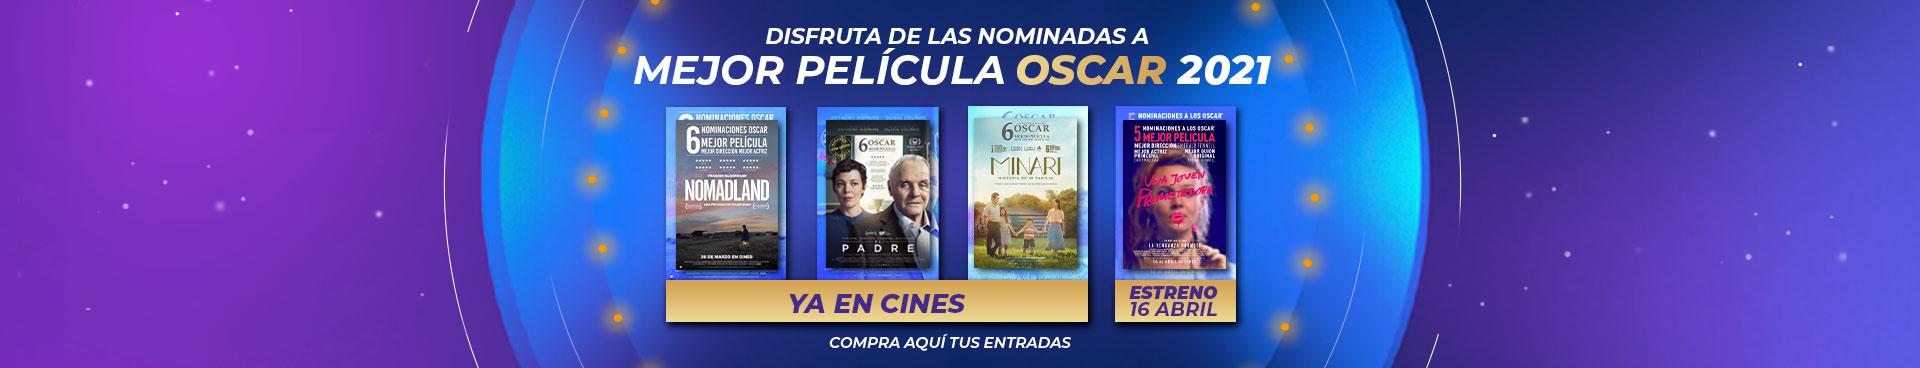 Mejor película al Oscar 2021